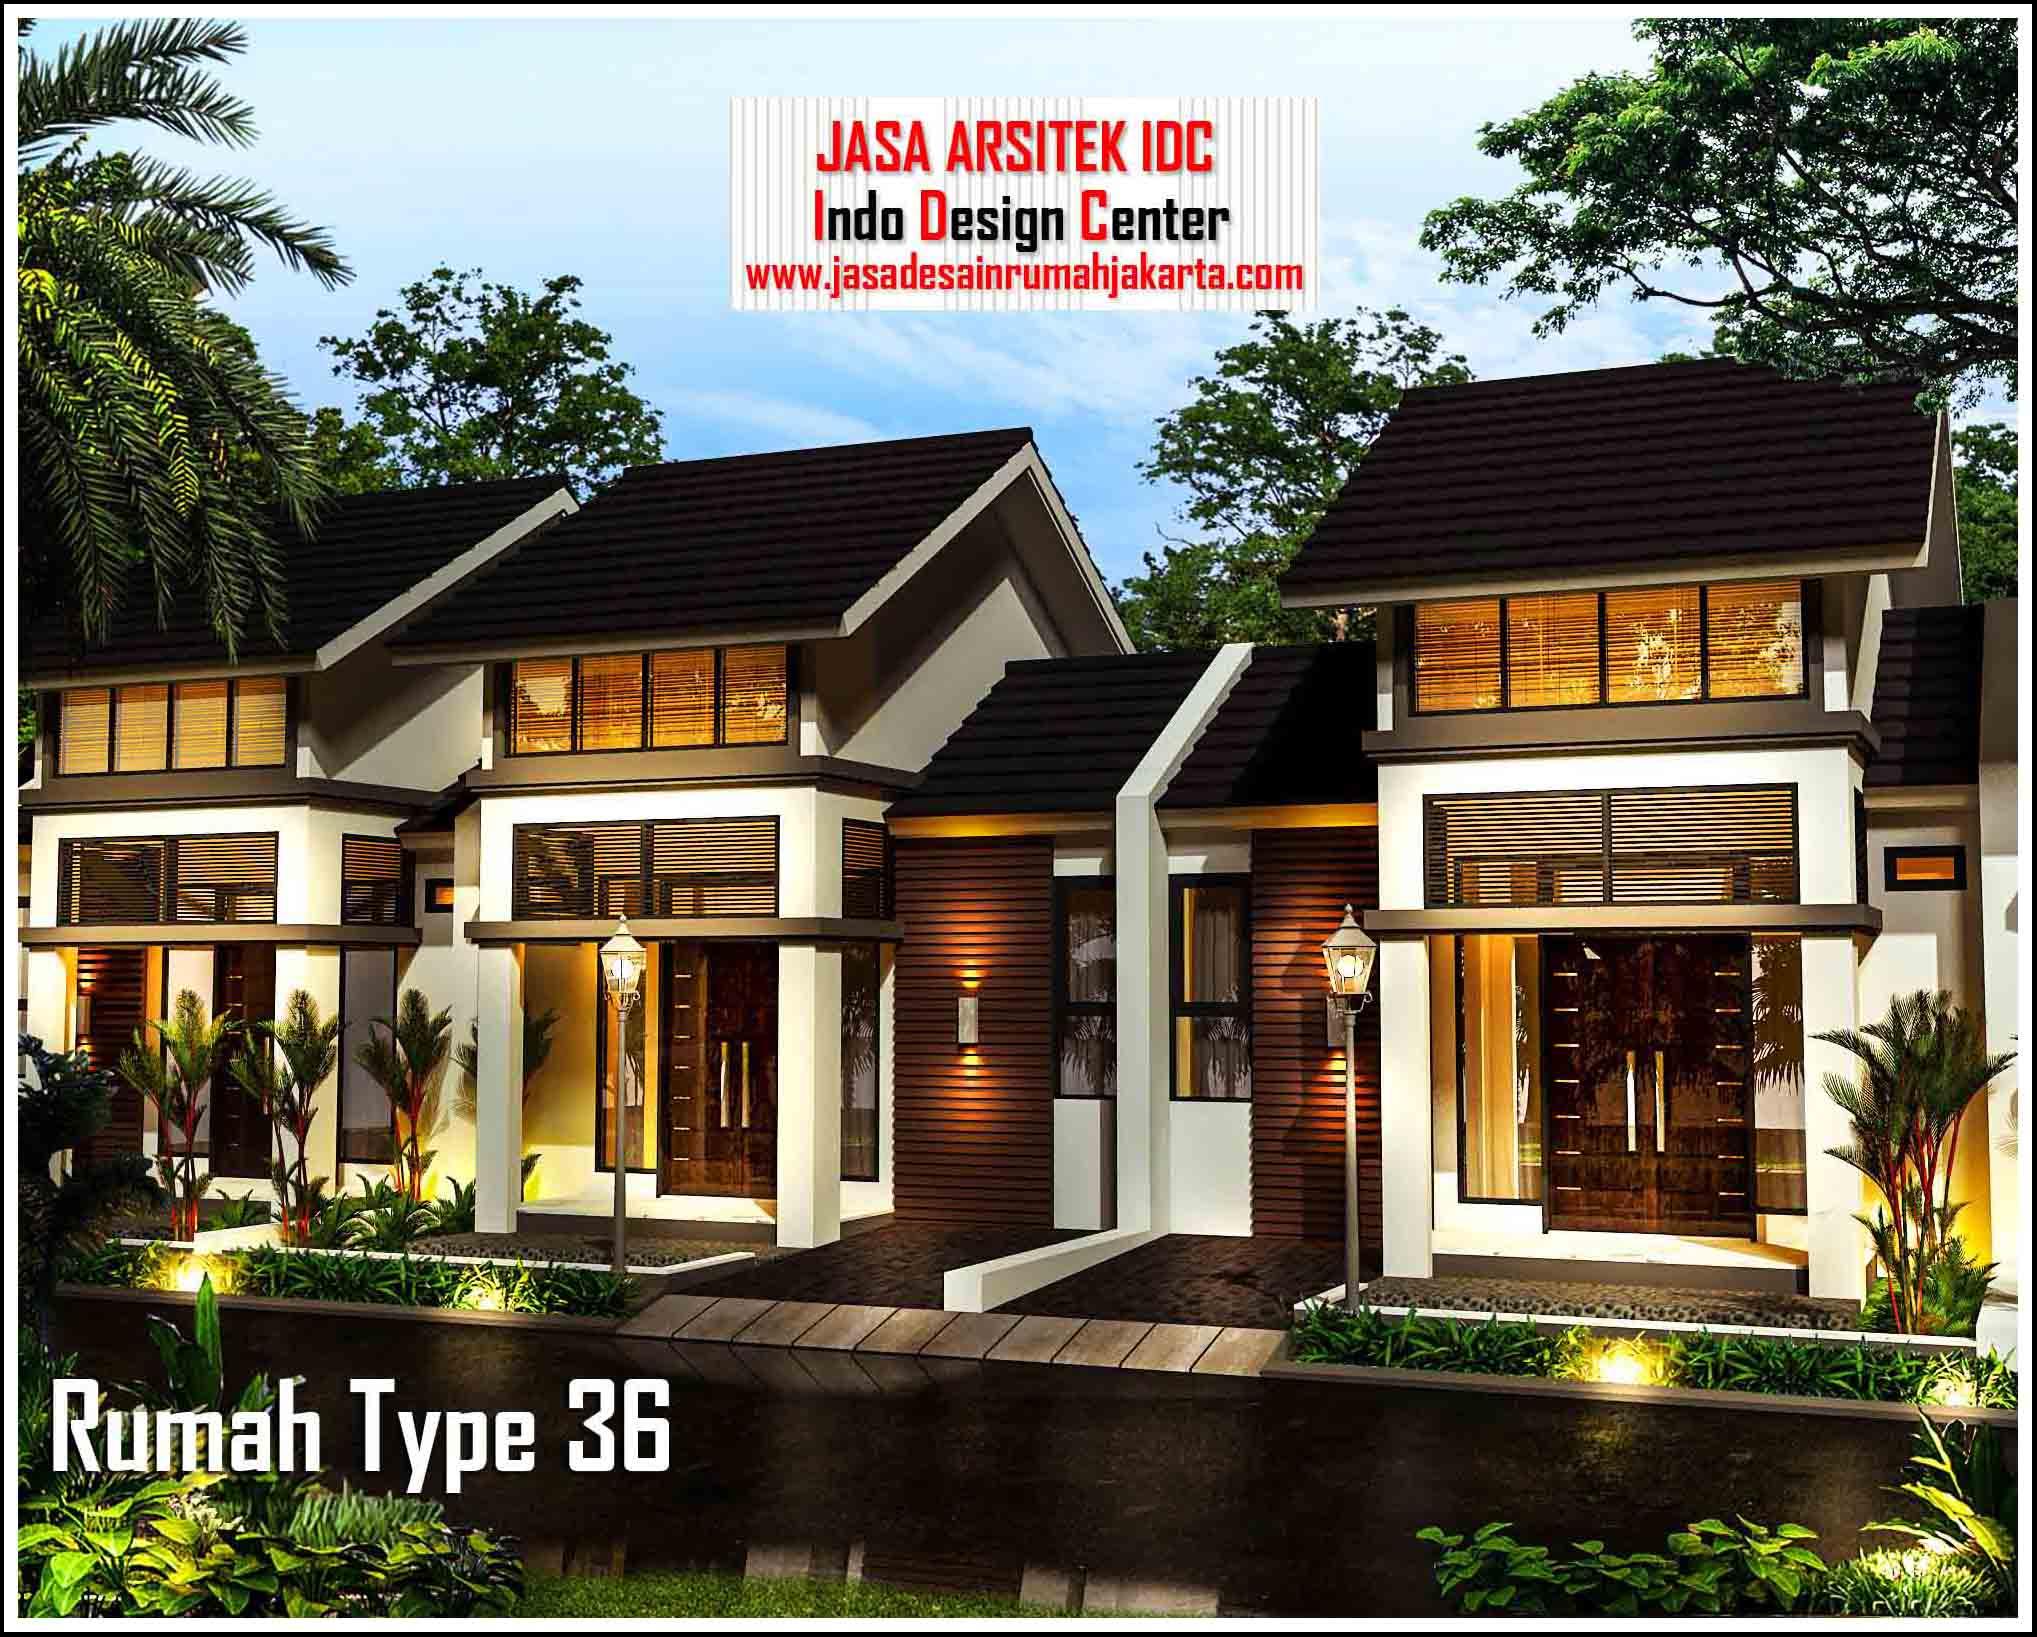 Desain Rumah Type 36 Minimalis Modern || Jasa Desain Rumah ...